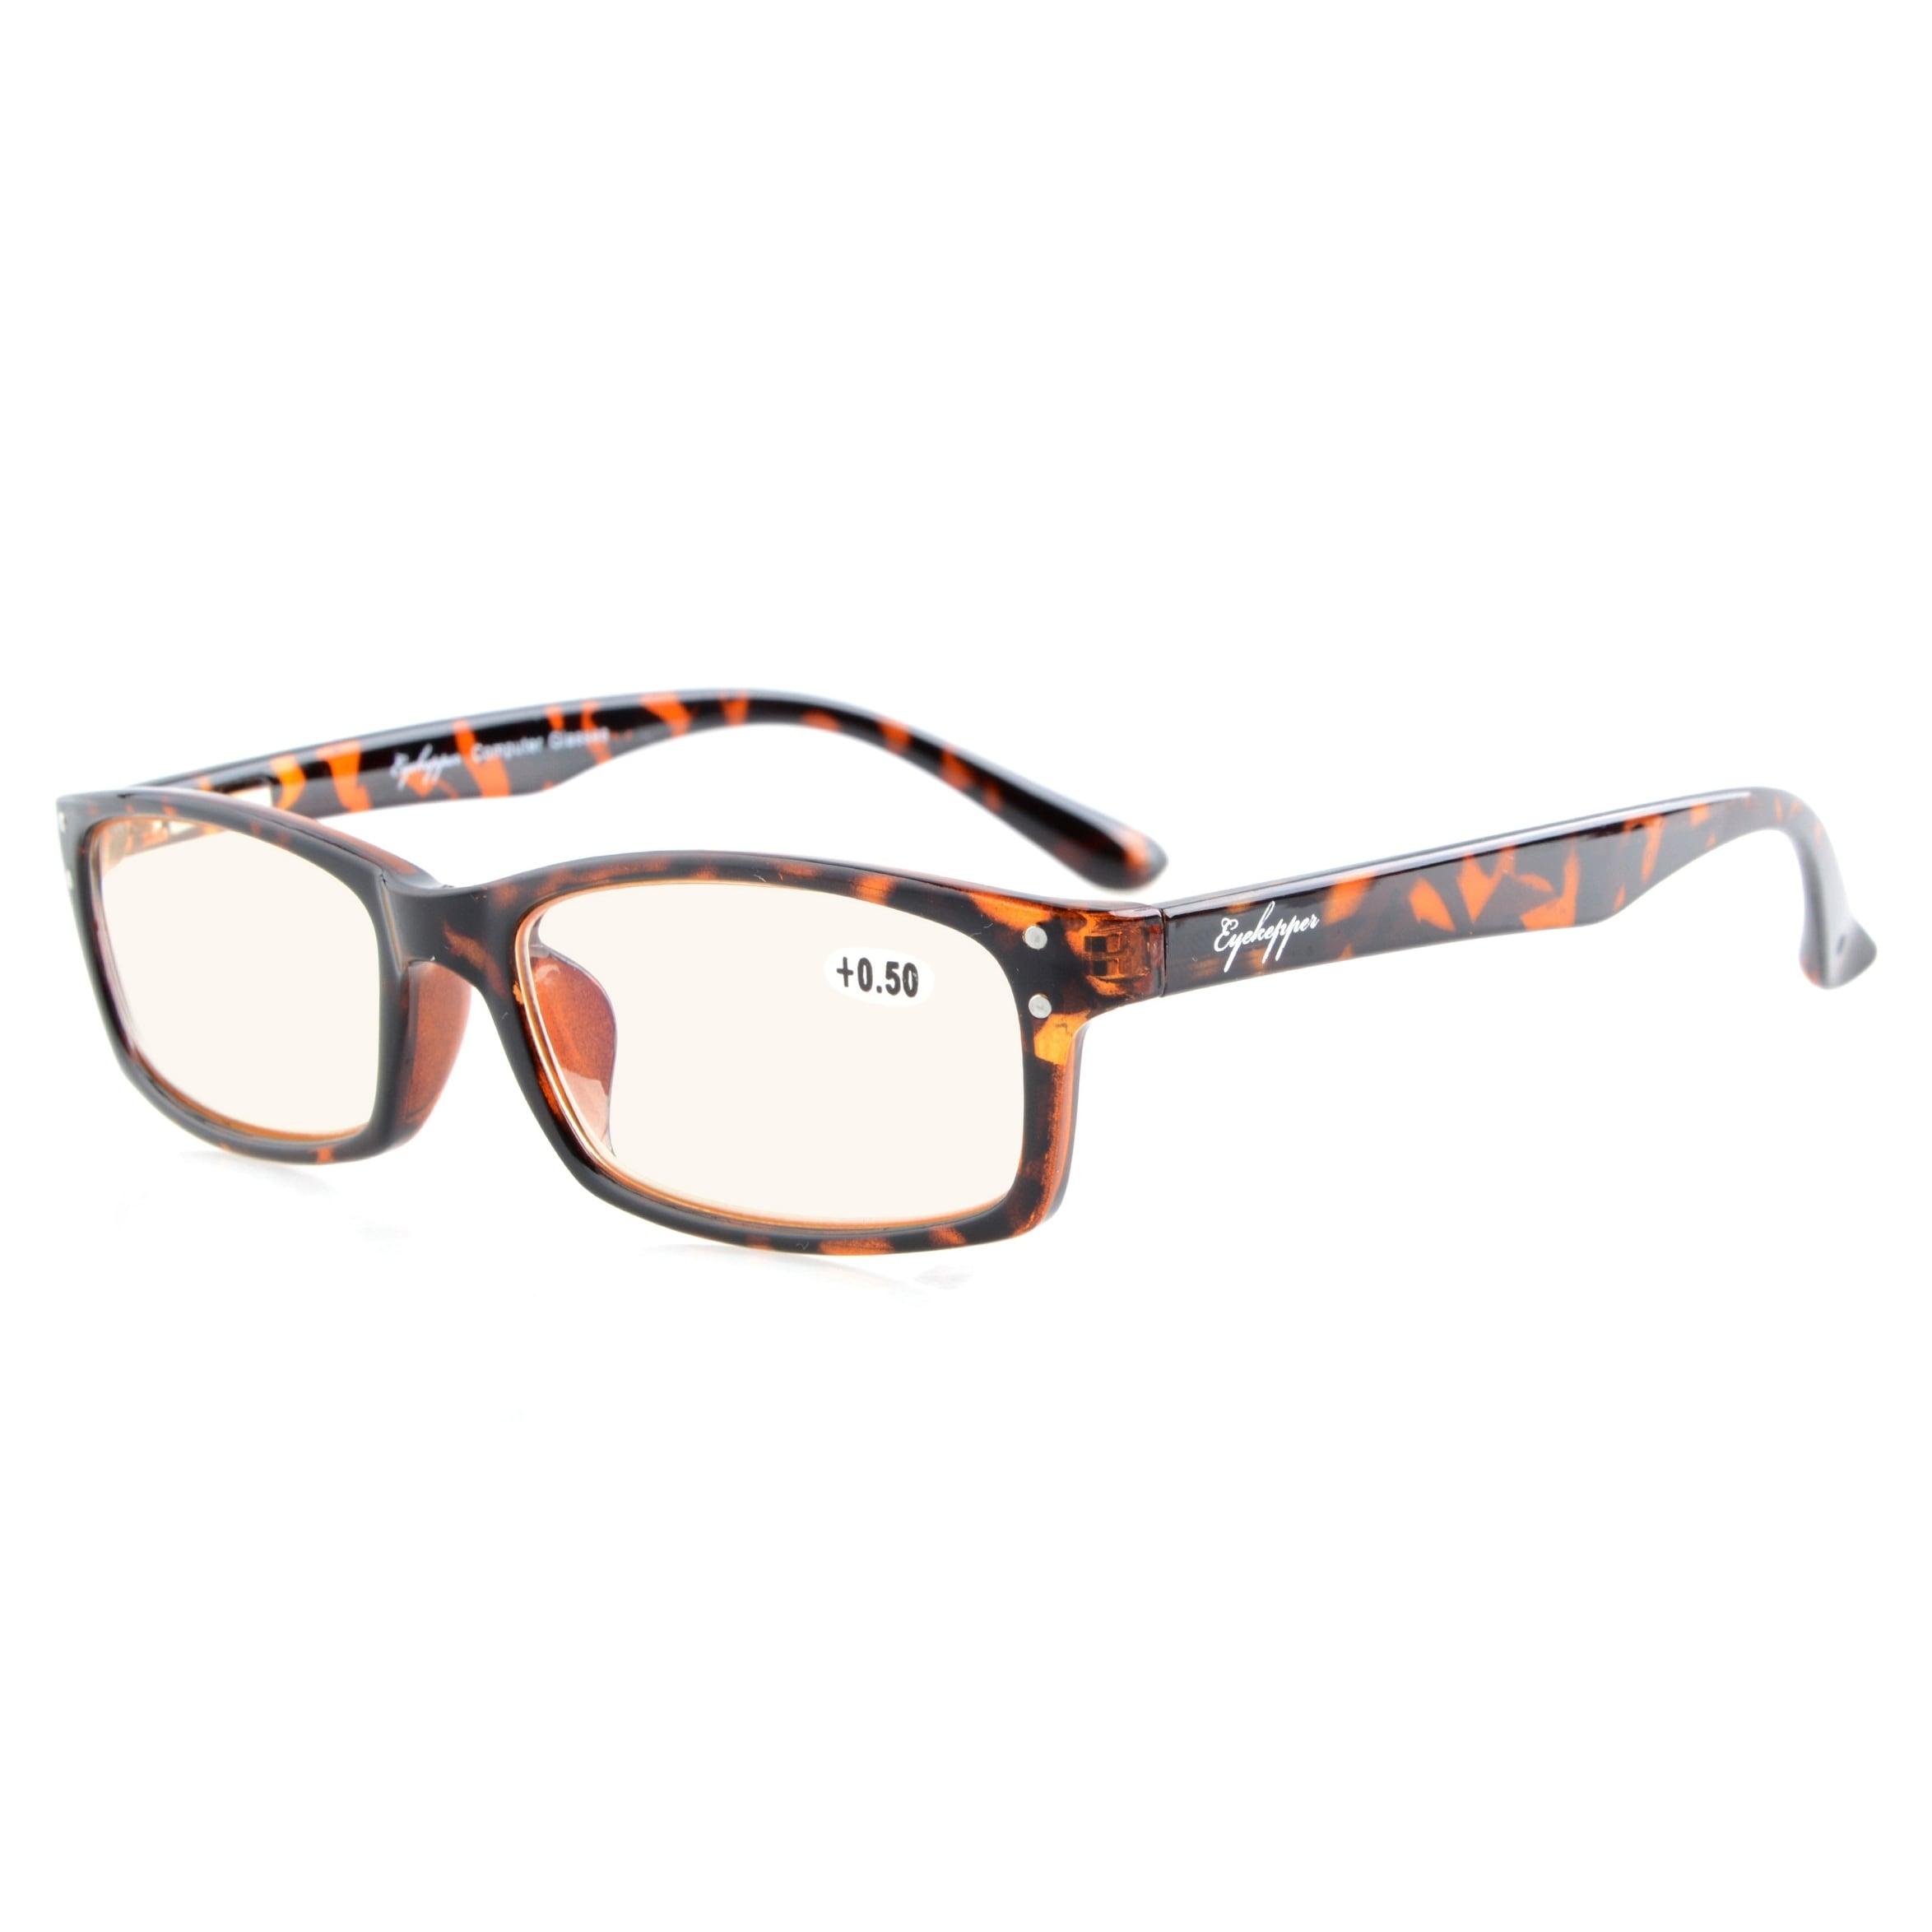 6213d2692b5e Buy Eyekepper Reading Glasses Online at Overstock | Our Best Eyeglasses  Deals